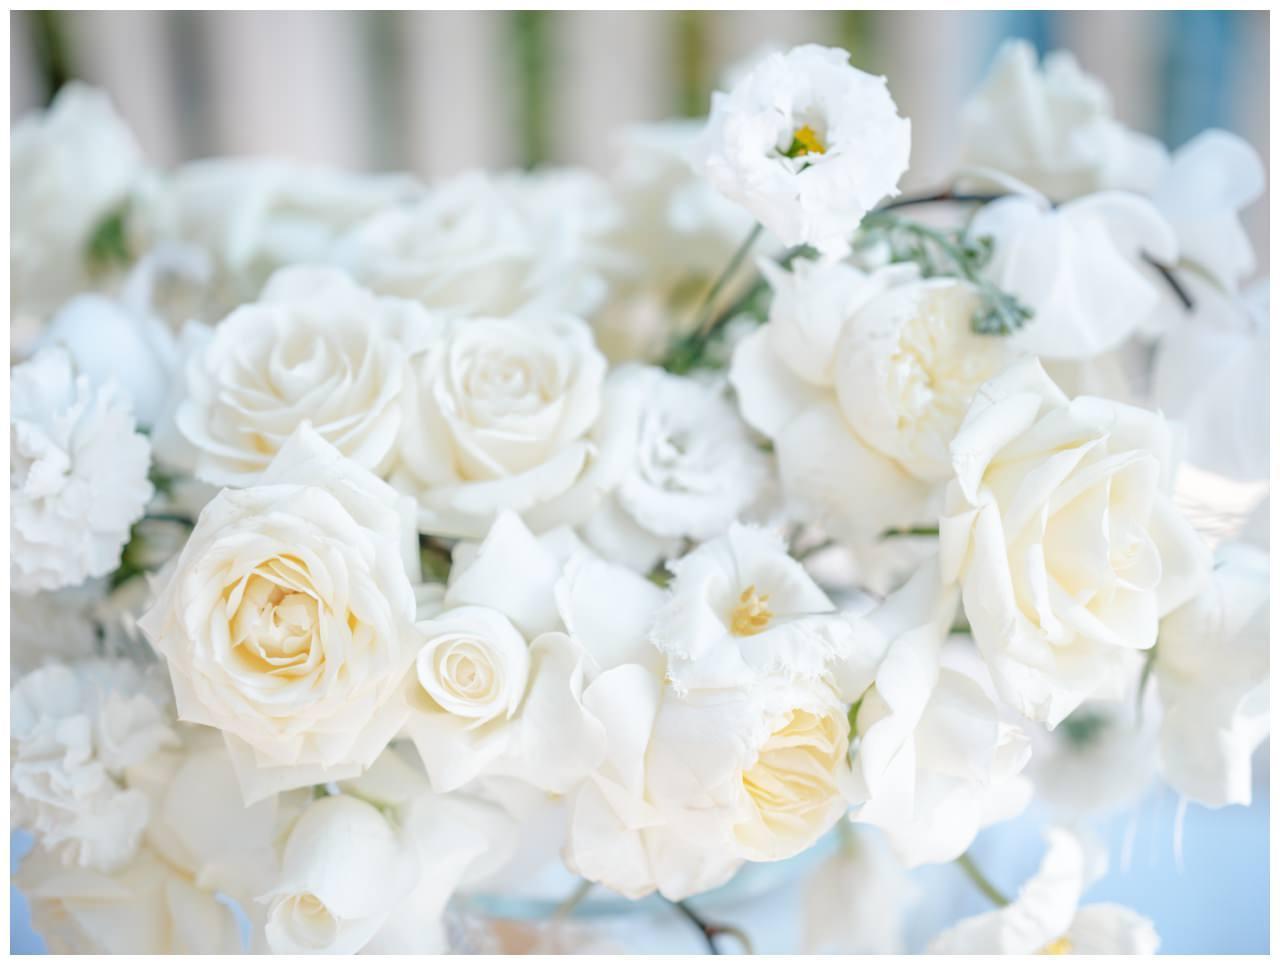 Hochzeit Kroatien Hochzeitsplanung Hochzeitsplaner Fotograf 18 - Luxuriöse Hochzeit in Weiß